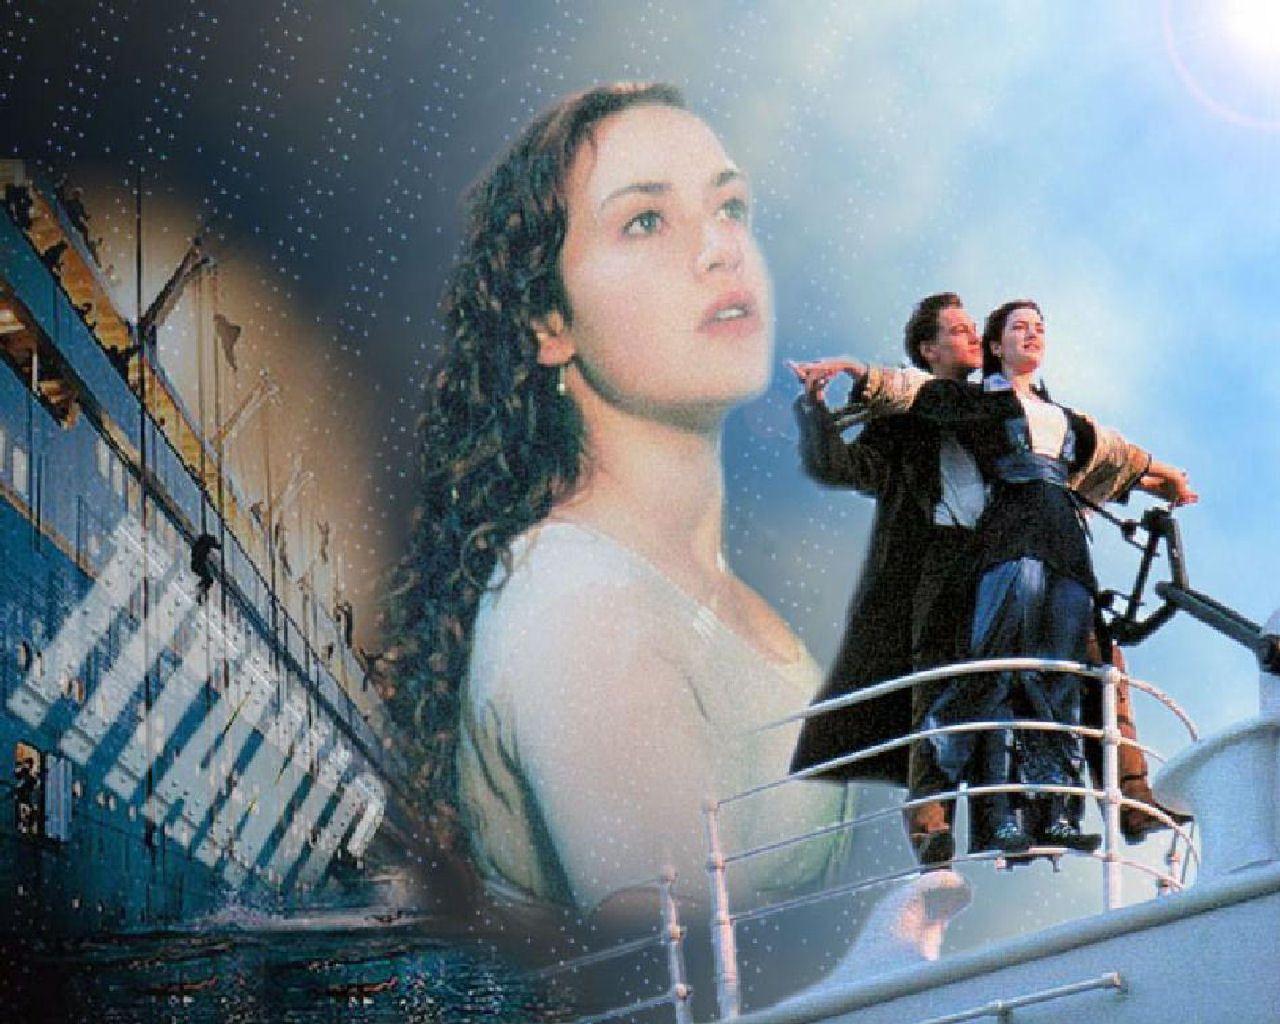 titanic movie images download